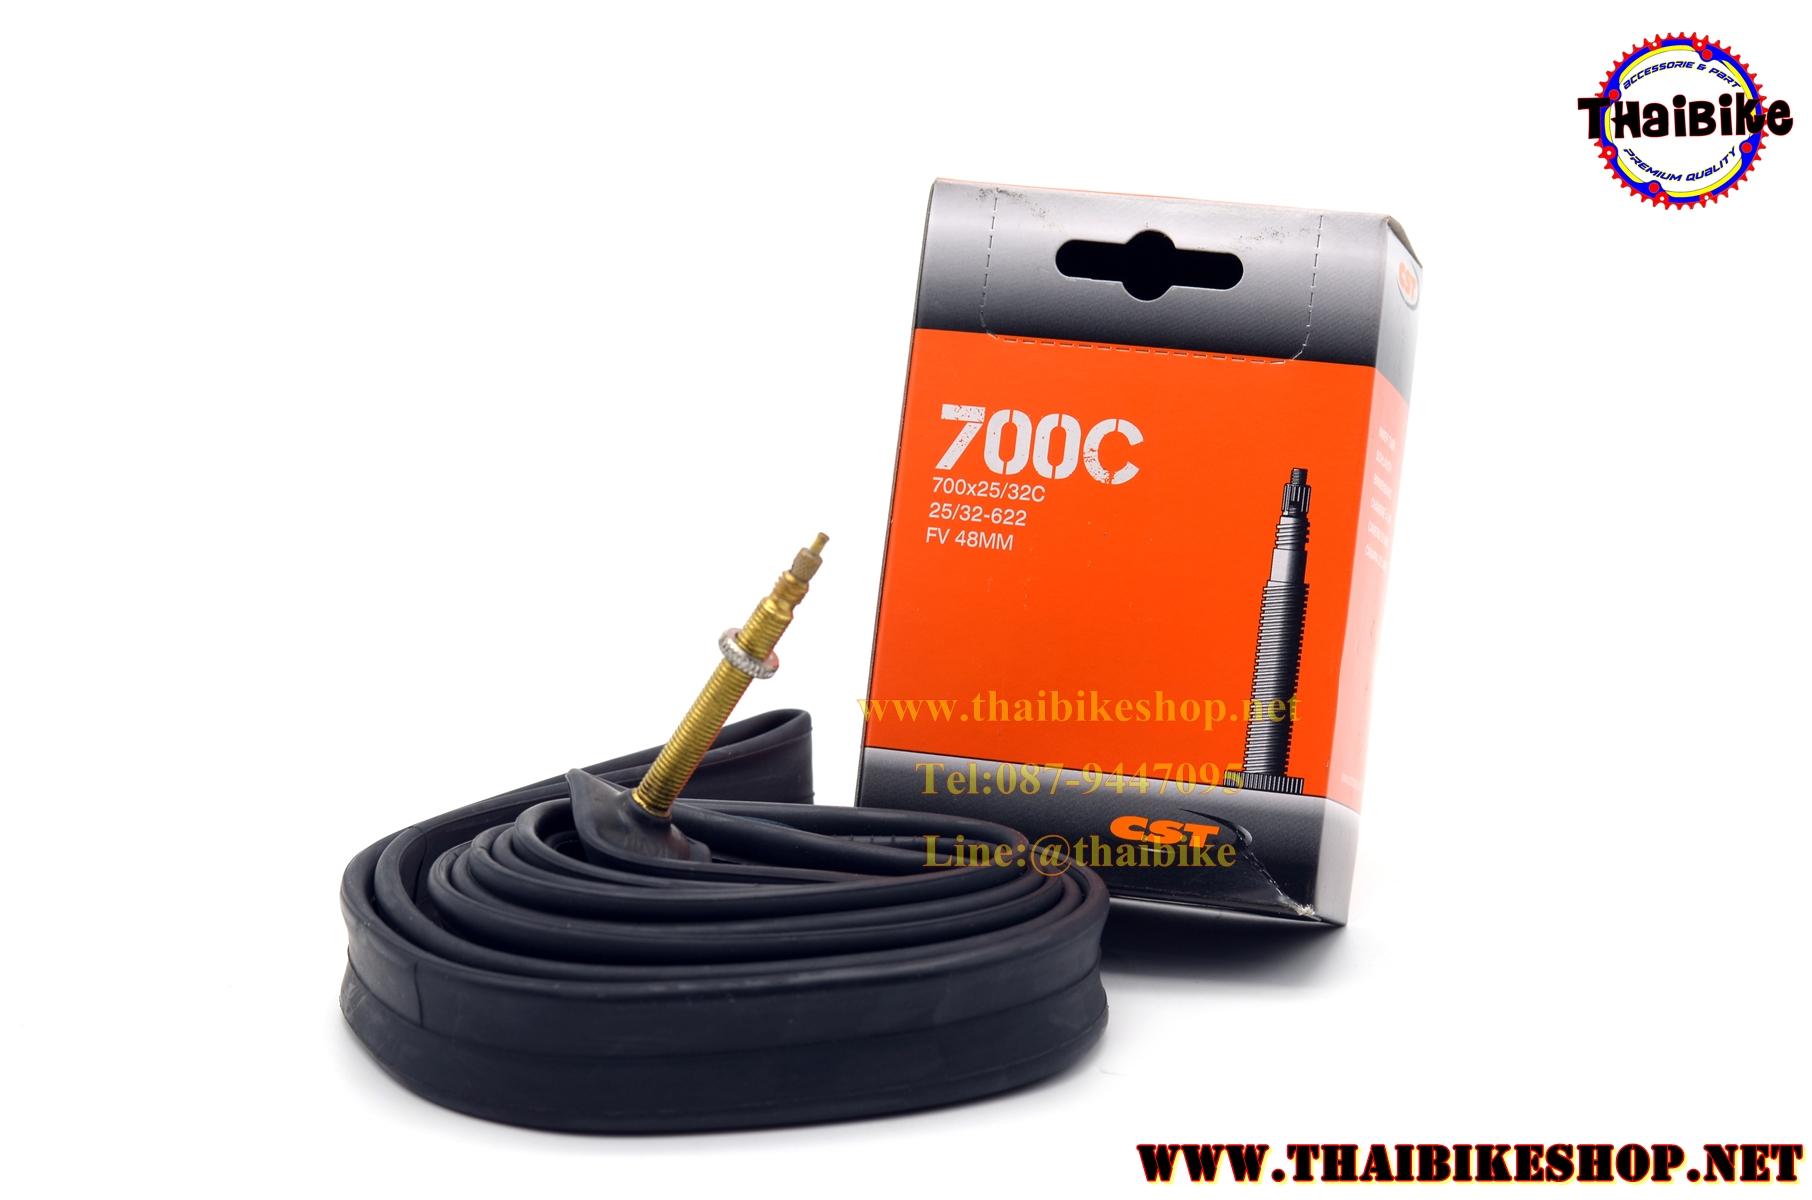 ยางใน CST 700 X 25/32-662 FV ( 48mm )